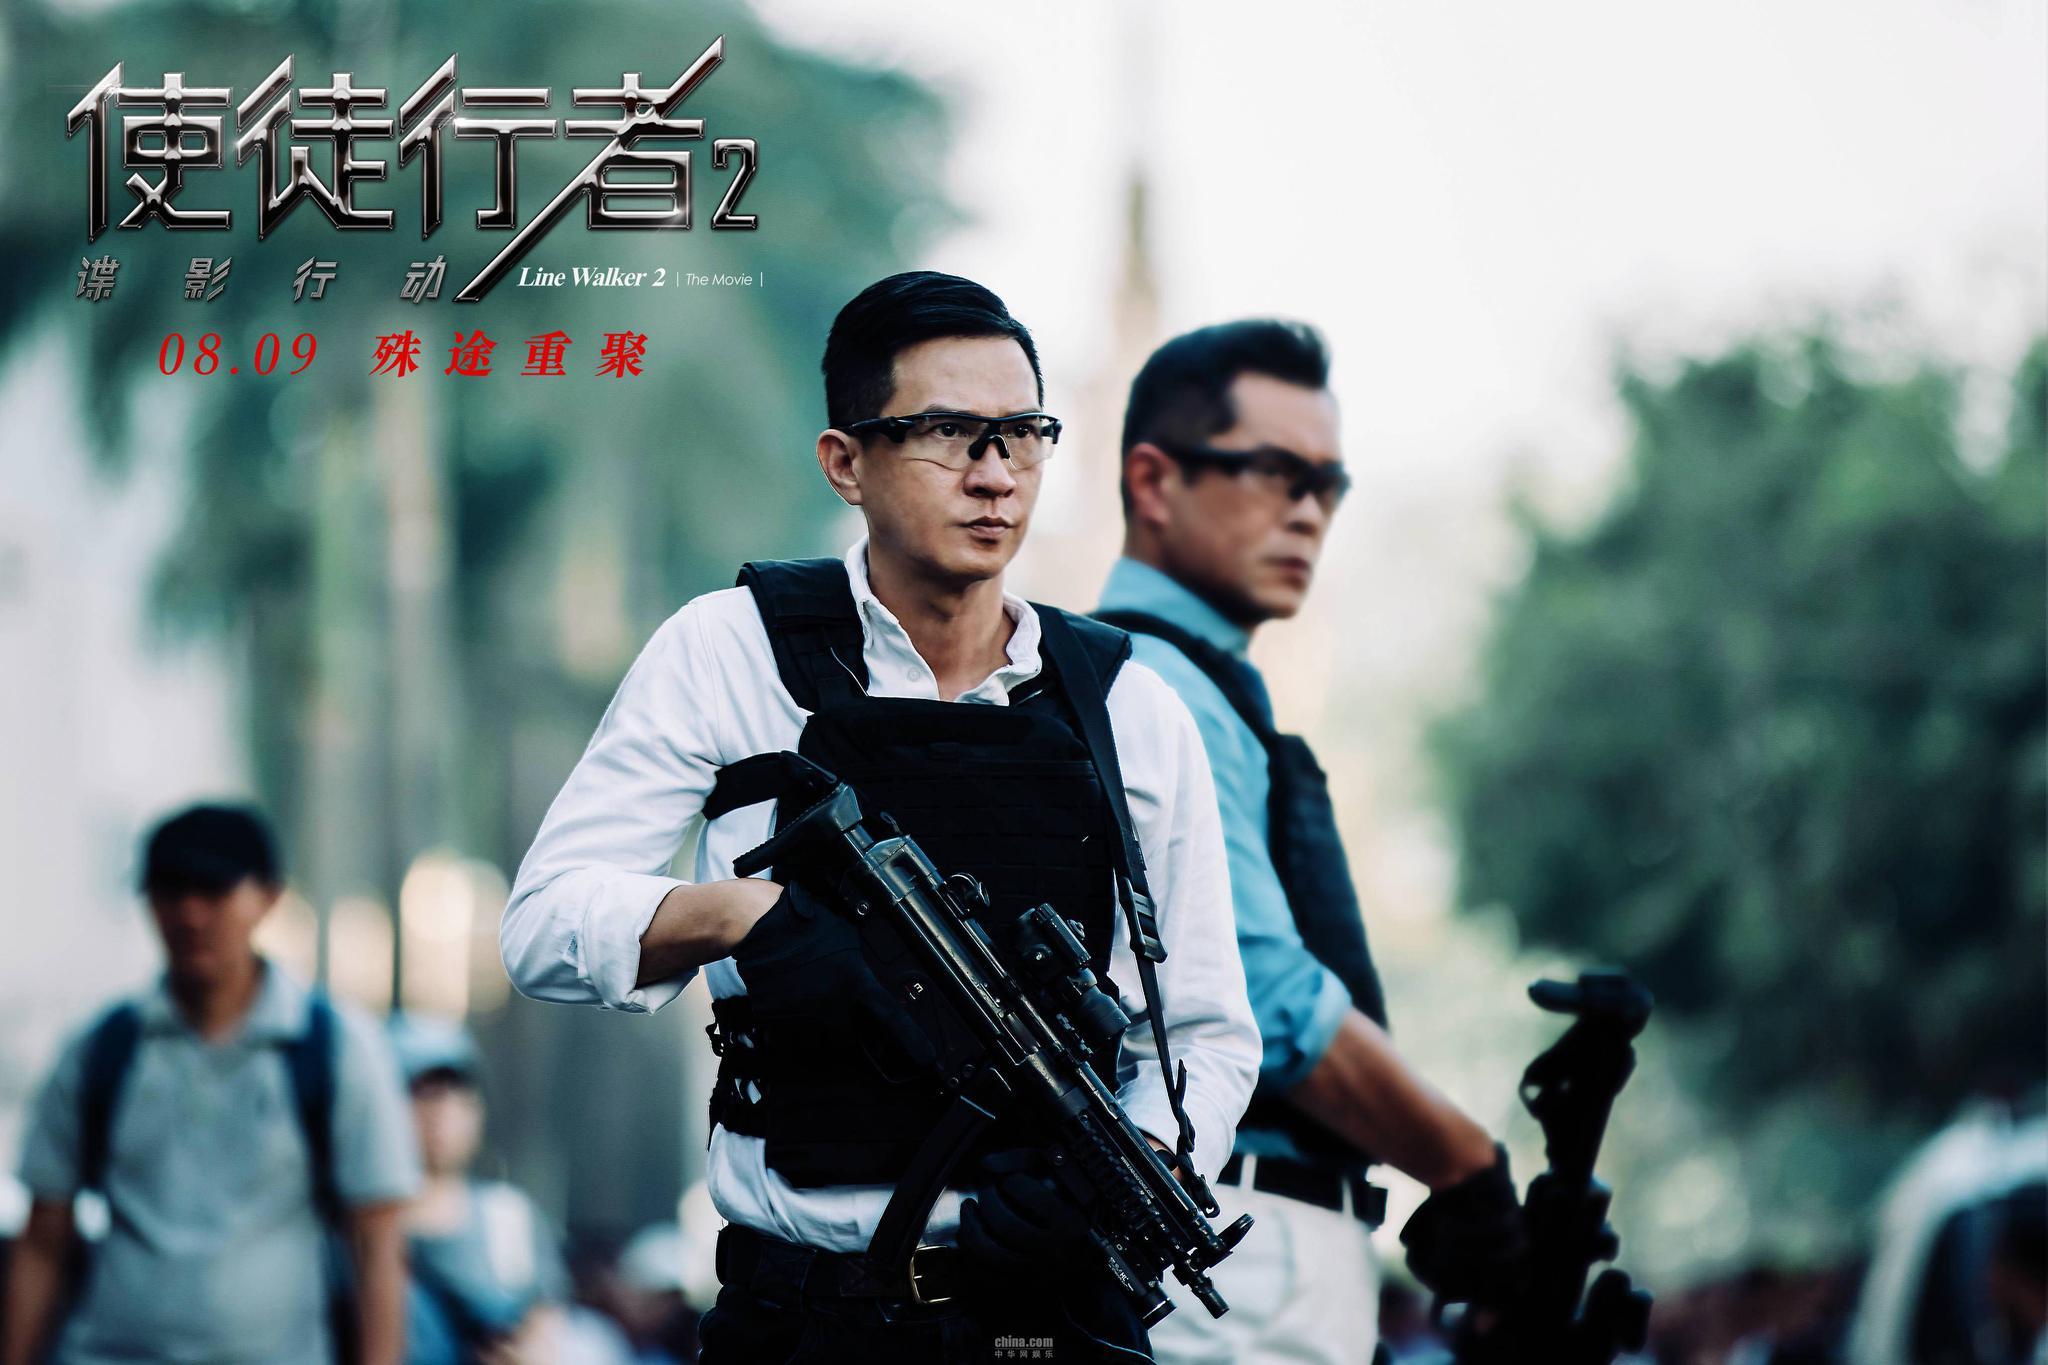 《行者兄弟2》定档8.9古天乐张家辉再续使徒情穿越剧燕国图片